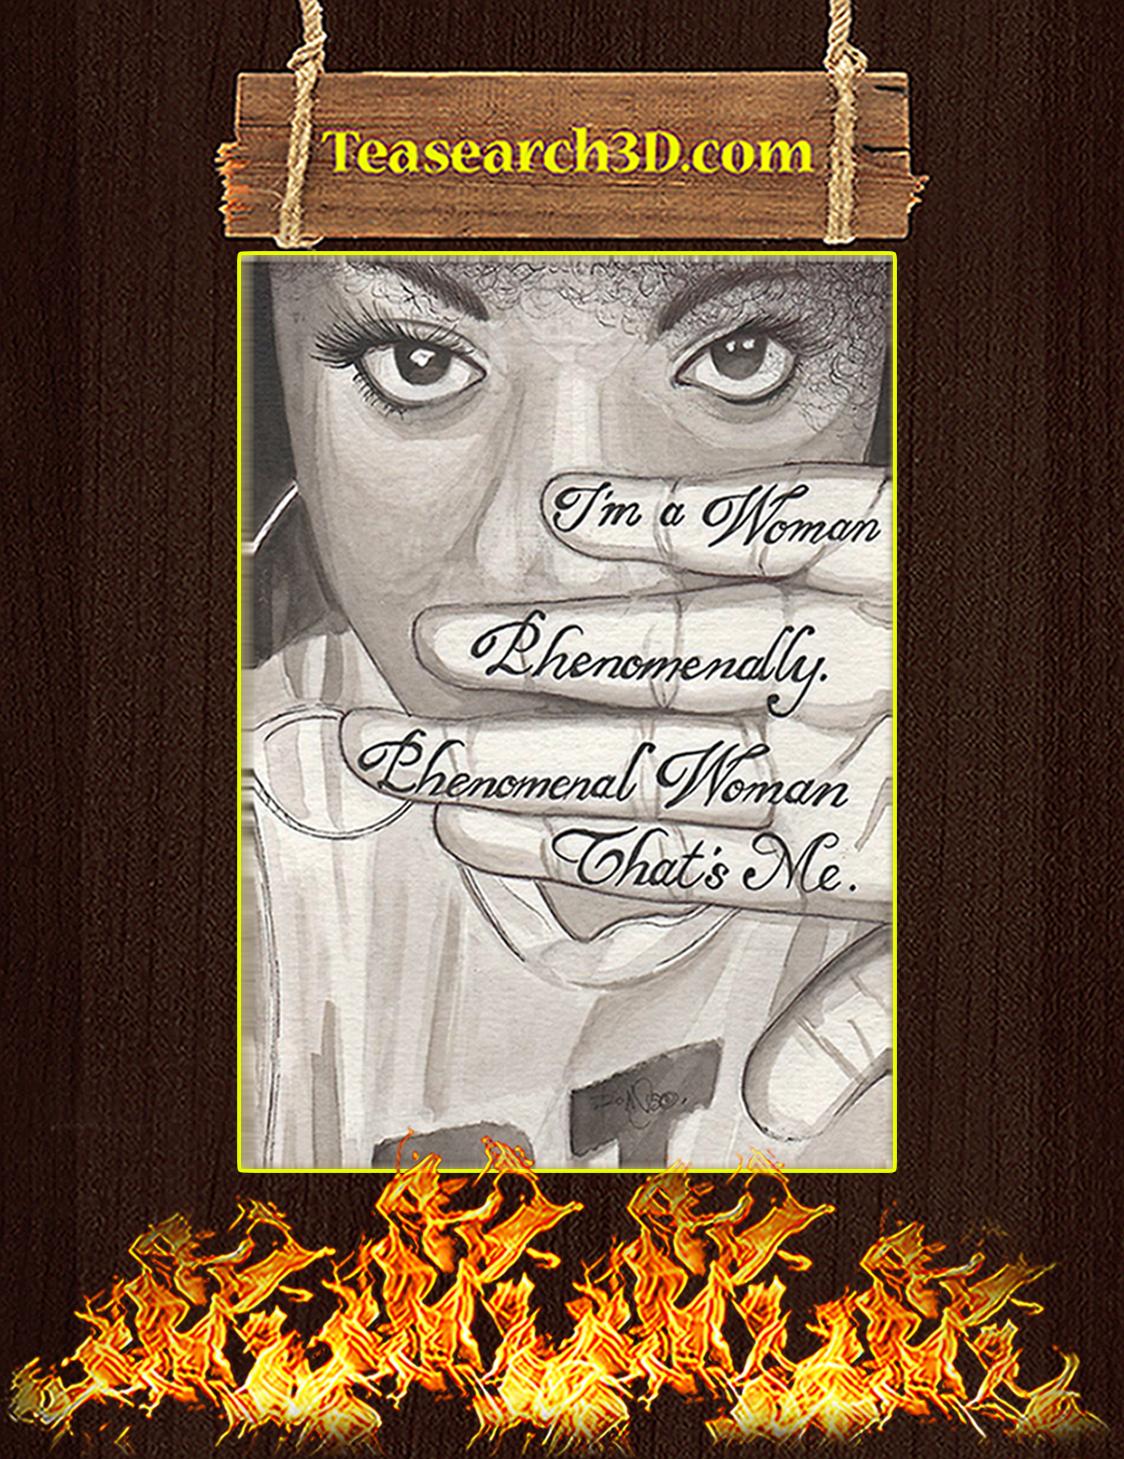 I'm a woman phenomenally phenomenal woman that's me poster A3